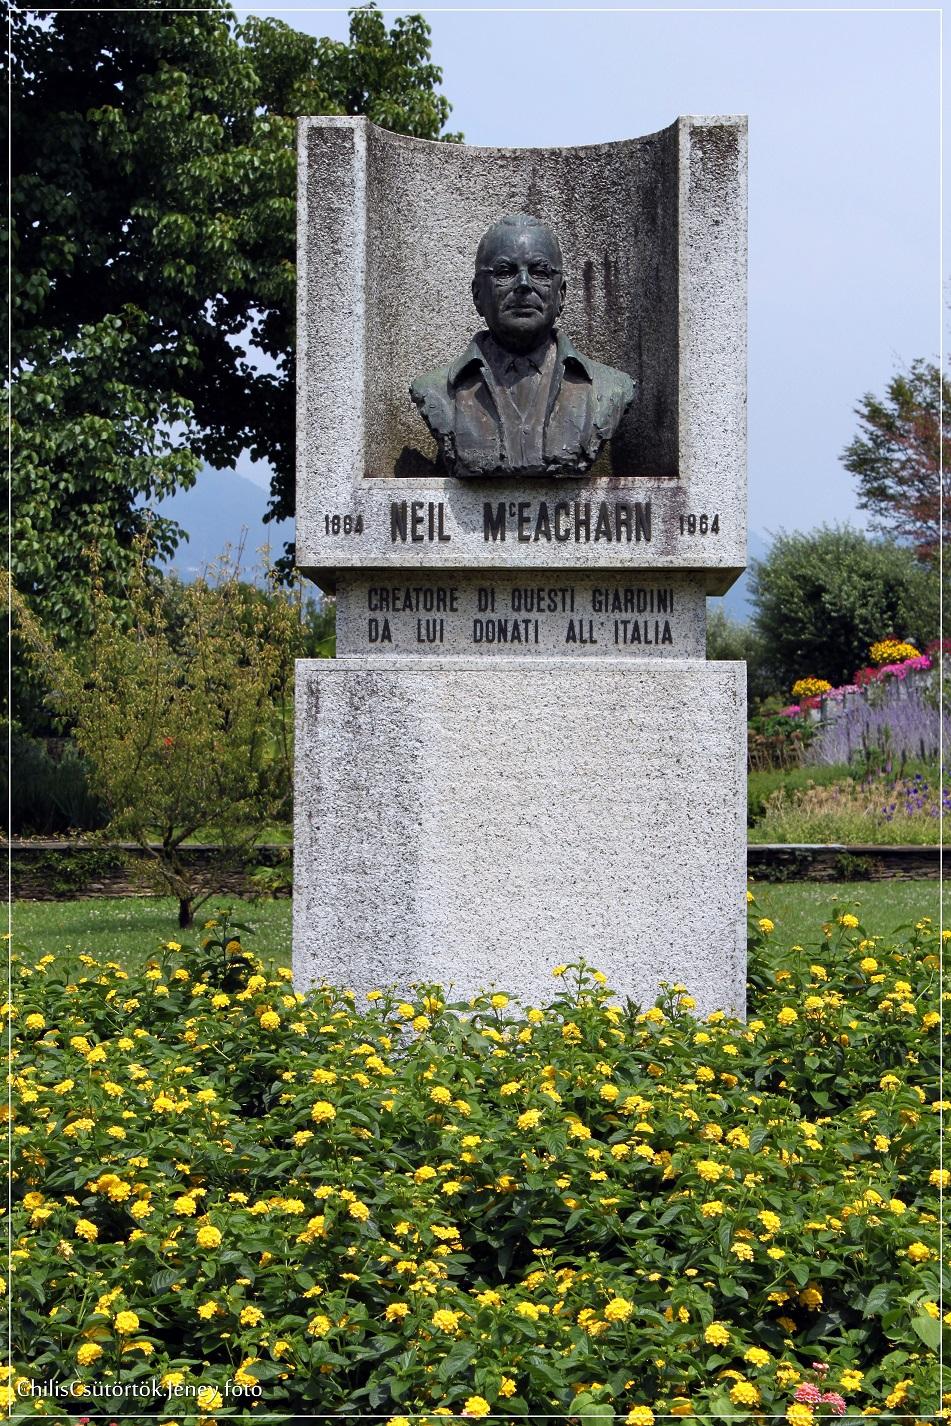 Neil McEacharn